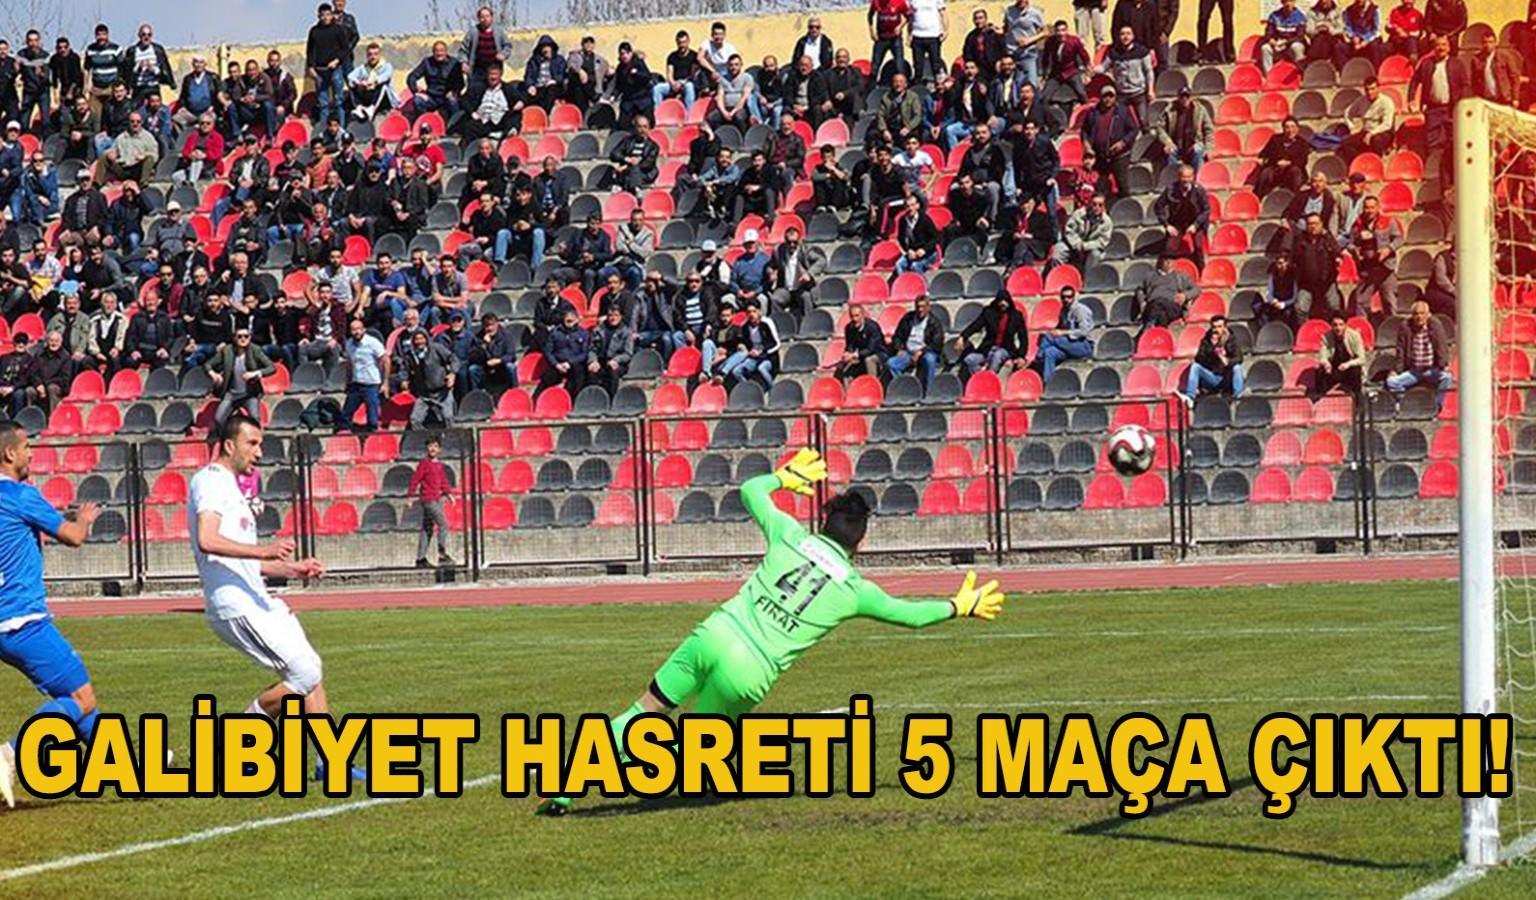 GALİBİYET HASRETİ 5 MAÇA ÇIKTI!